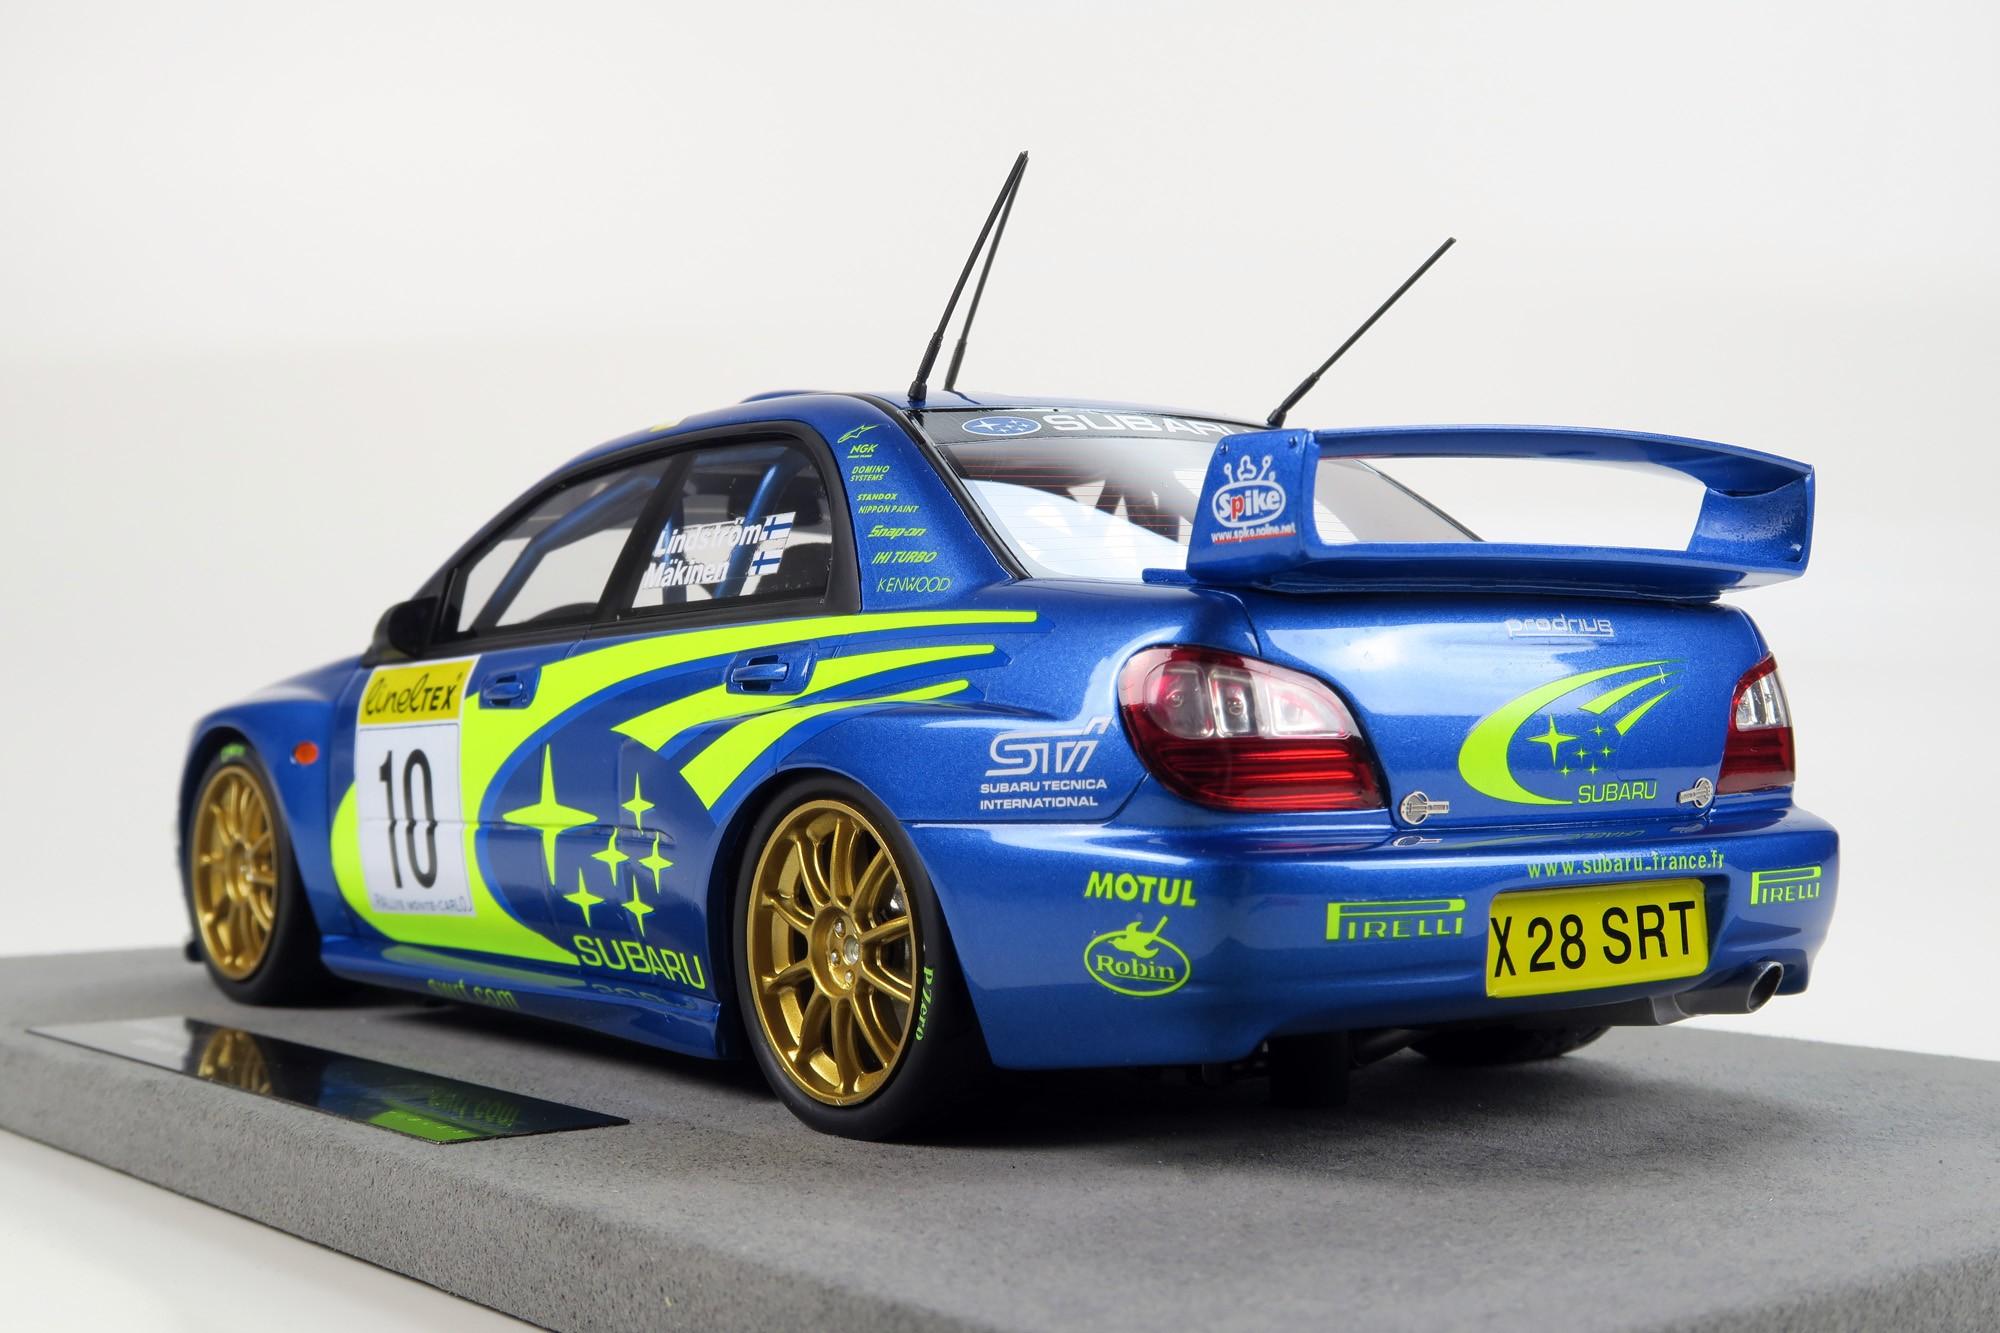 Top Marques Collectibles Subaru Impreza S7 555 Wrt Tommi